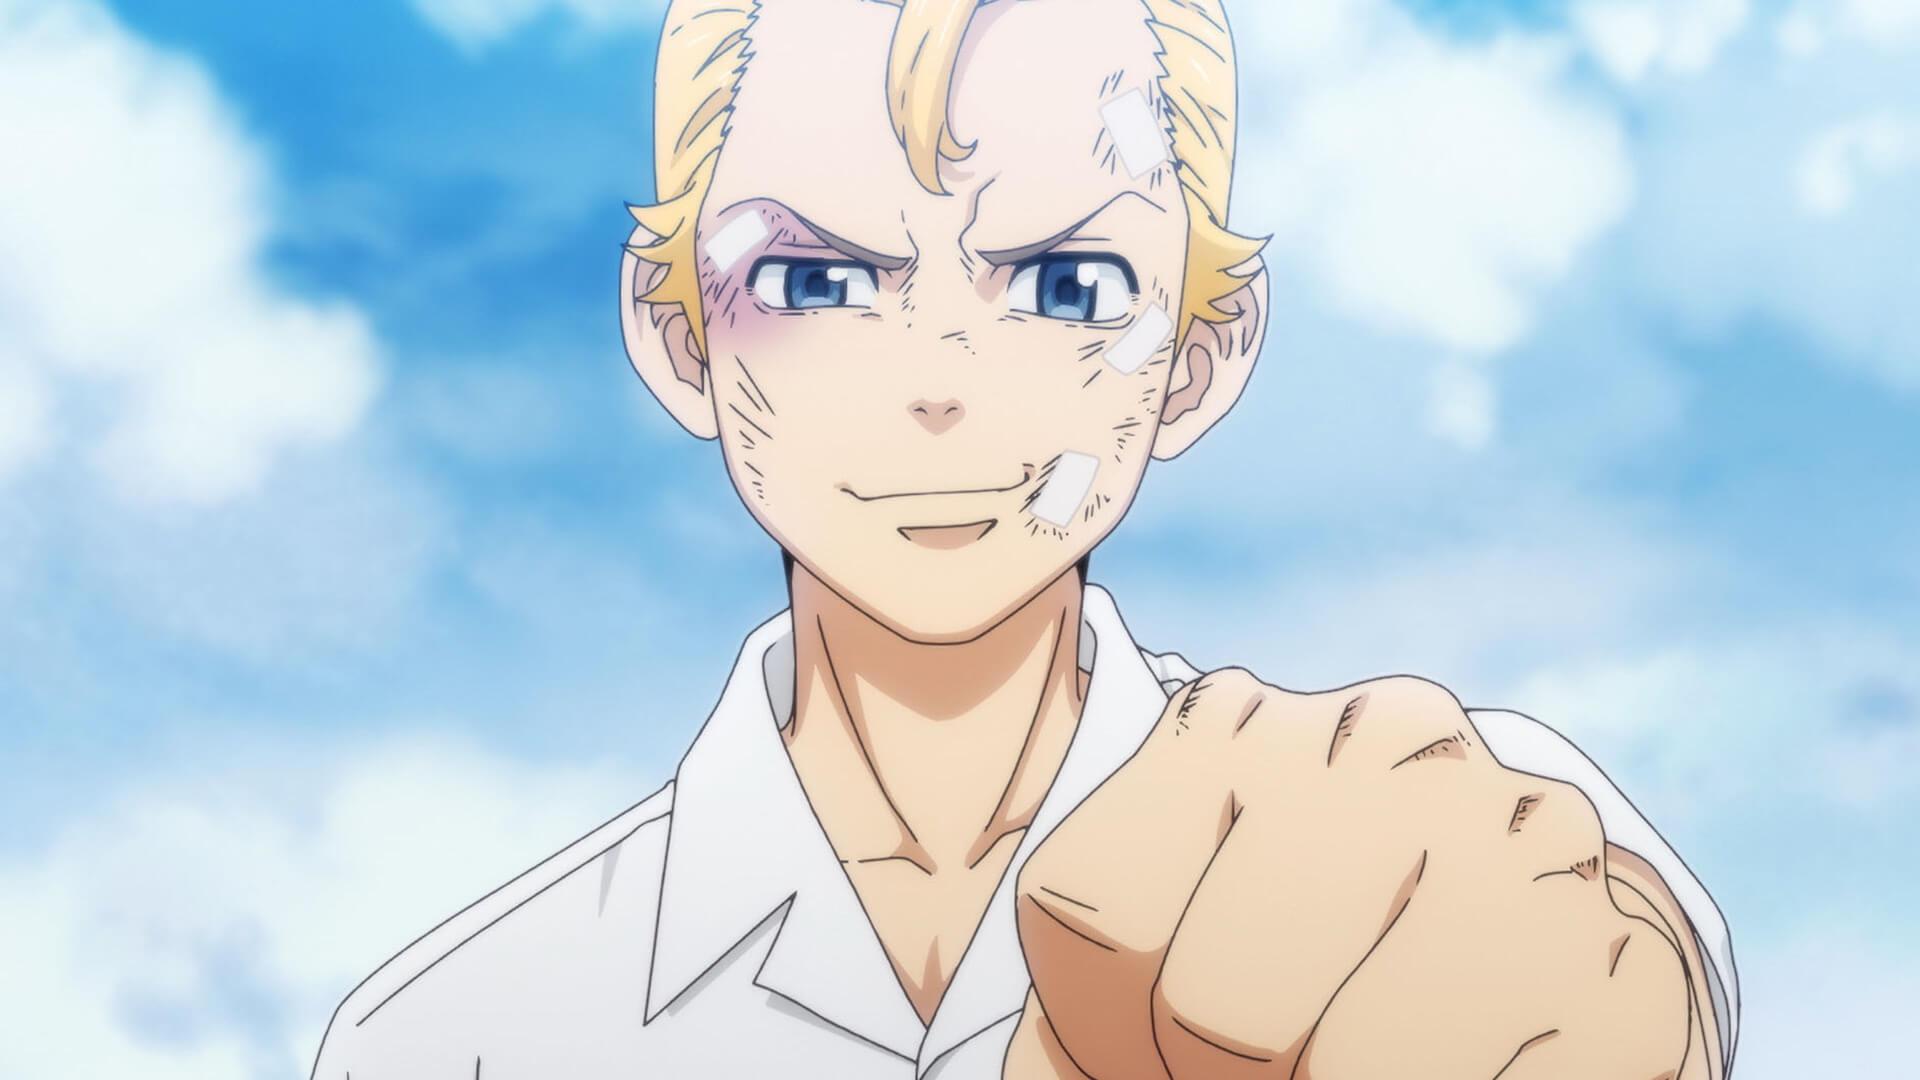 『終末のワルキューレ』『花より男子』『不滅のあなたへ』と話題作続々配信!6月のNetflixアニメラインナップが解禁 art210521_netflix_anime_3